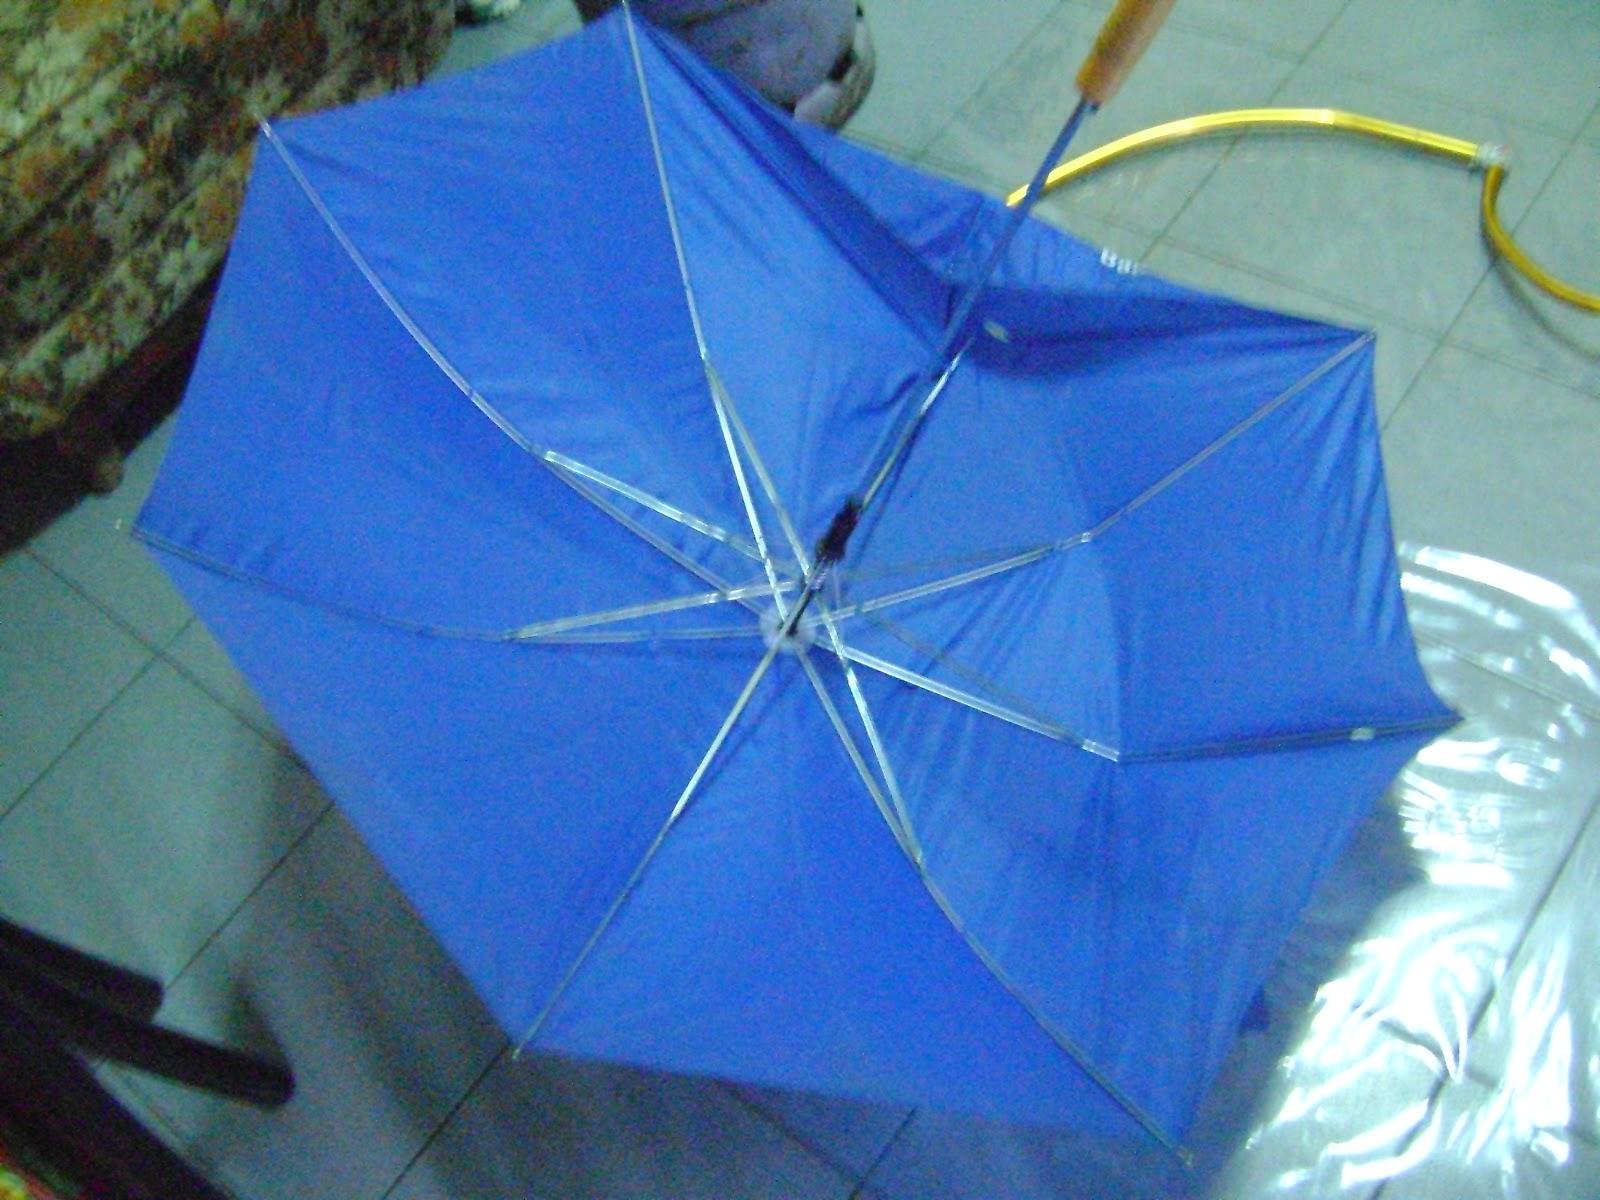 Juliette una peque a idea para hacer las alas de morrigan - Tela de paraguas ...